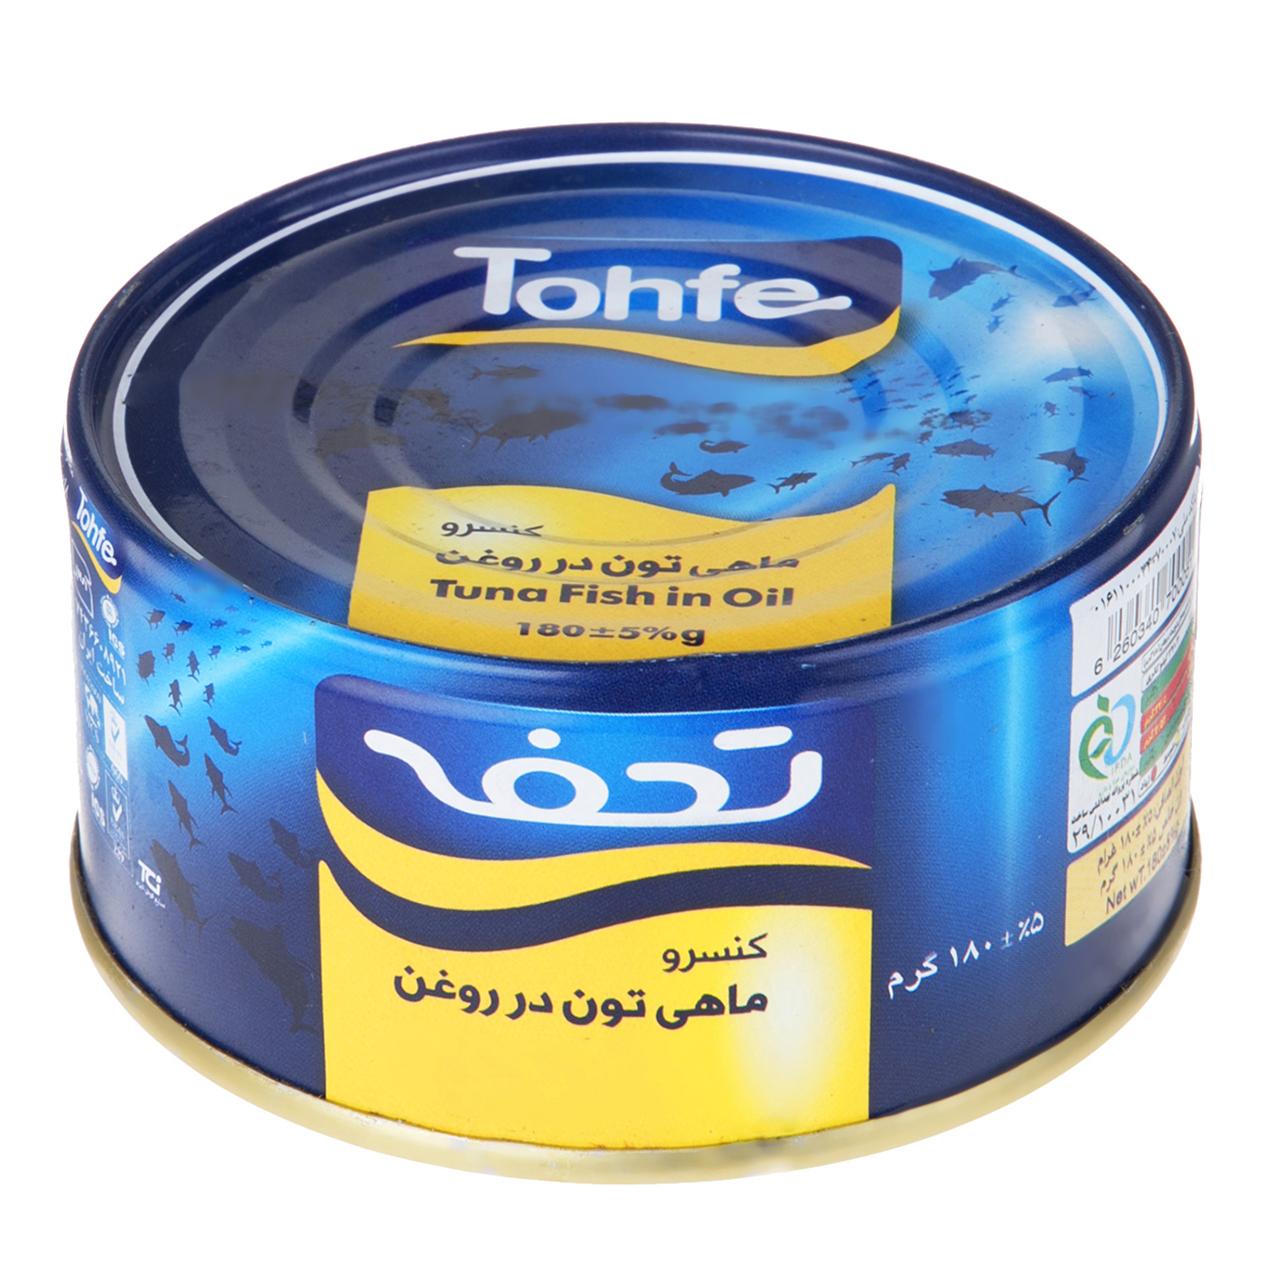 کنسرو تن ماهی ساده  180g تحفه - کنسرو ماهی تن در روغن گیاهی کلیددار 180 گرمی تحفه